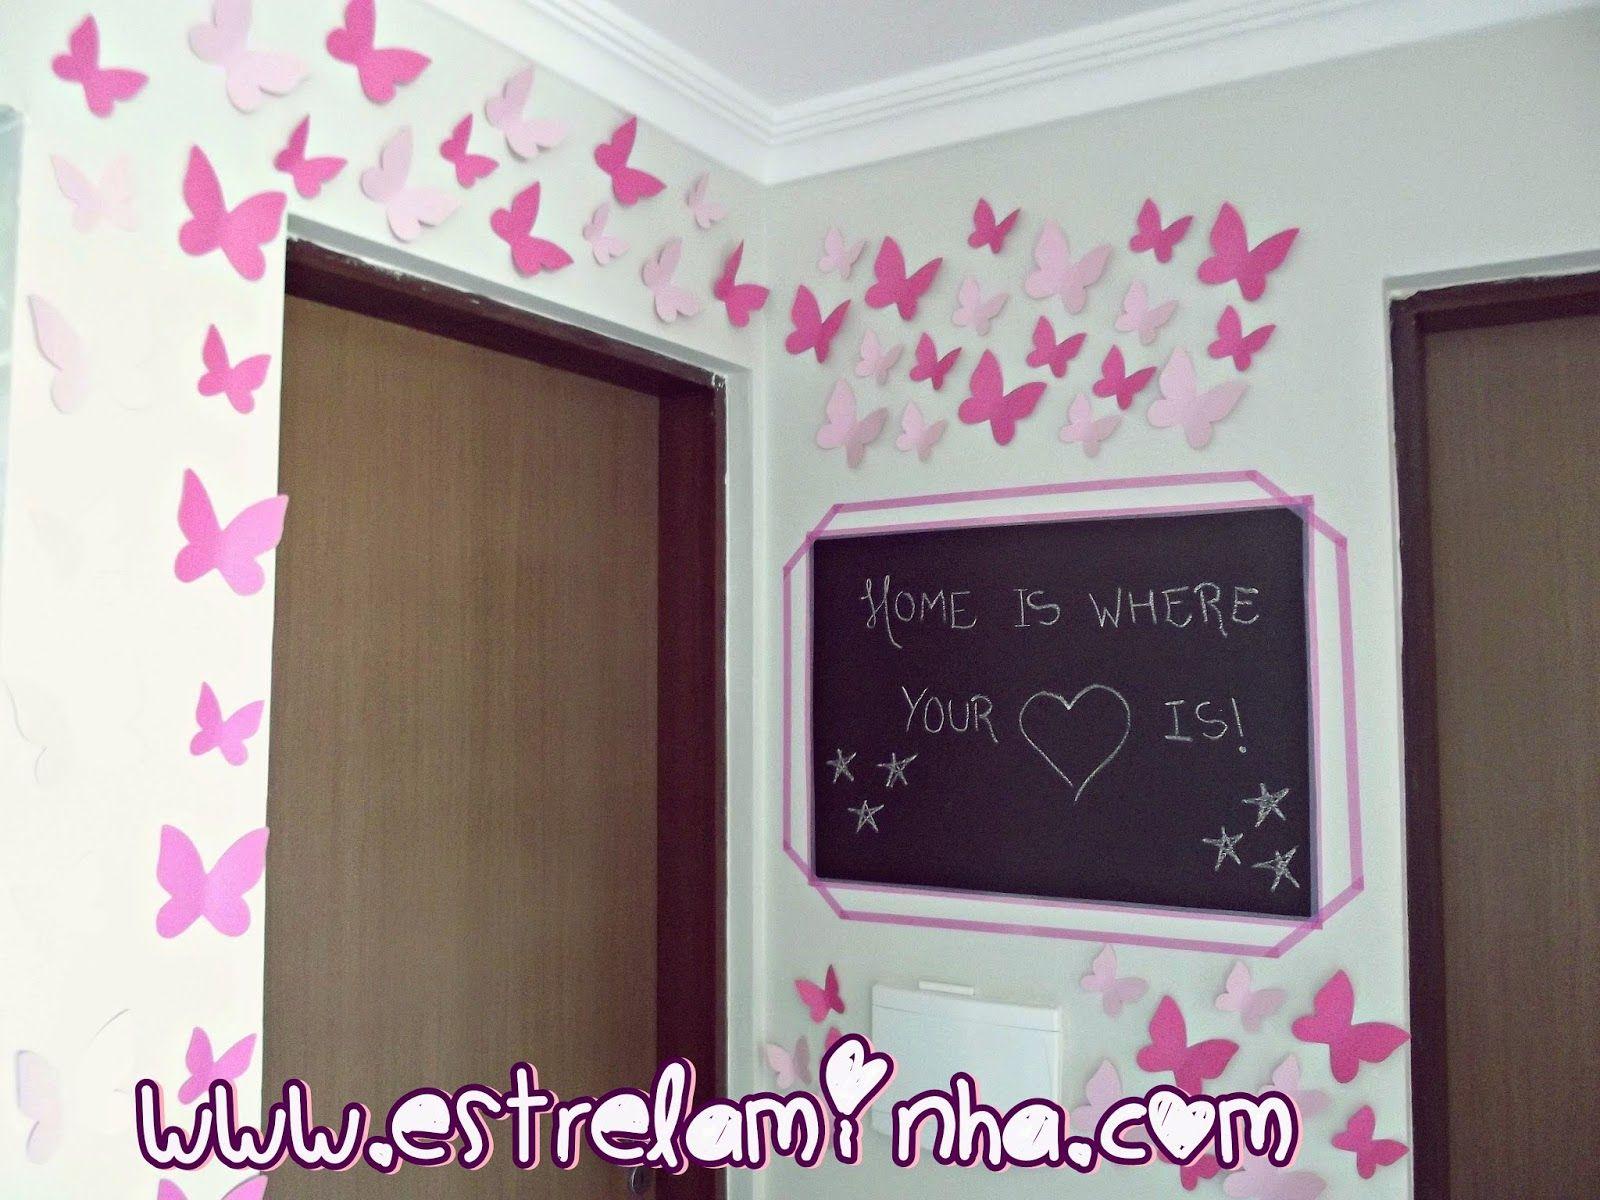 Estrela Minha: [VÍDEO] Decore gastando pouco: Como fazer quadro negro e decorar a parede com borboletas